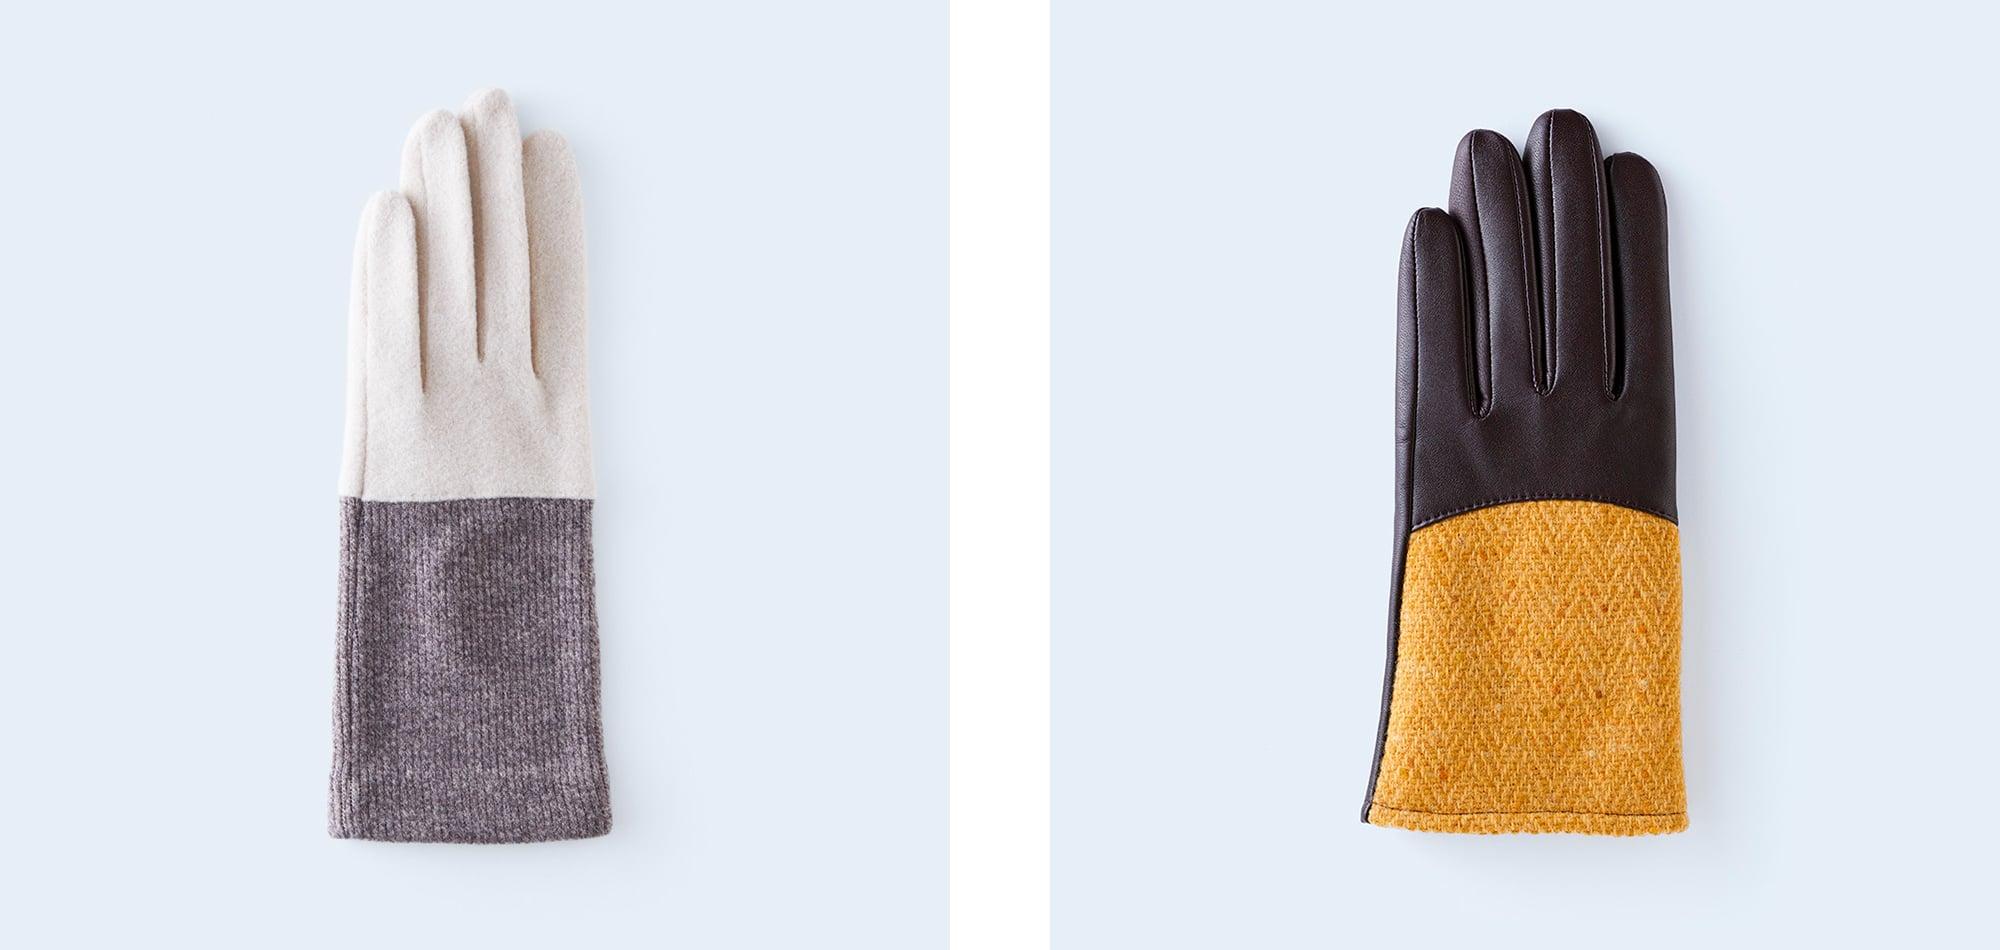 今年は見た目にも楽しい、異素材ミックスのデザインが豊富。 左から「bicolor WOMEN ivory & brown」(7,150円)、「herringbone WOMEN yellow」(16,500円)